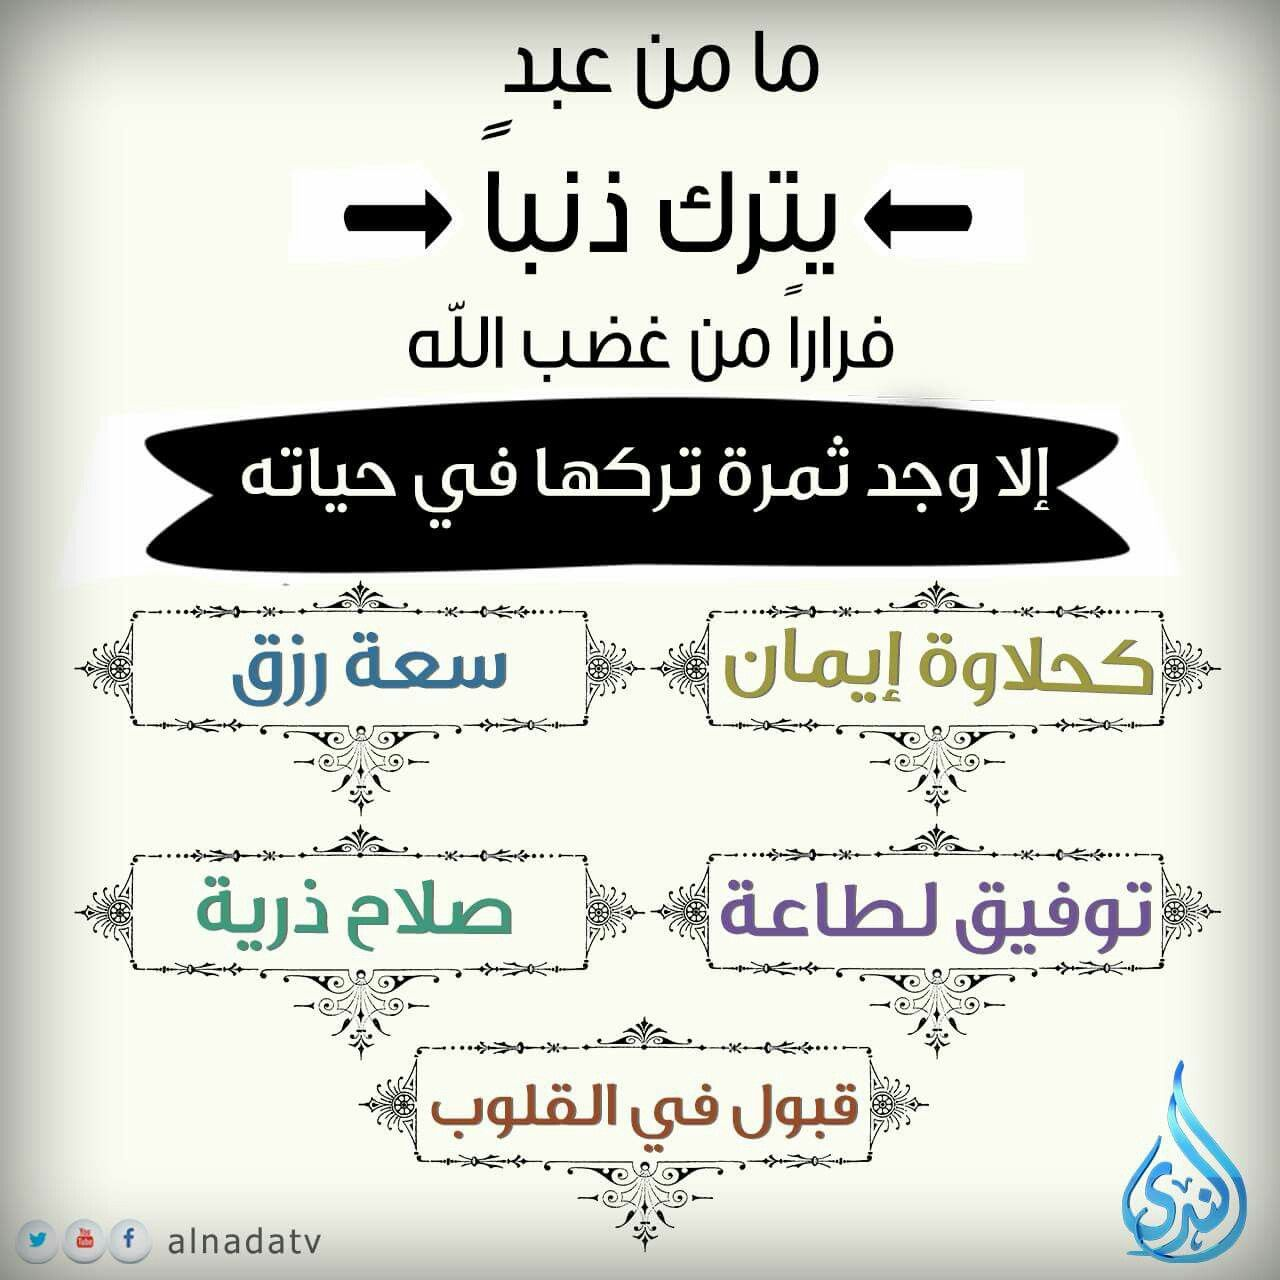 ما من عبد يتـرك ذنبـ ا فرار ا من غضب الله إلا وجد ثمـرة تركهـا في حياتـه Quotes Salaah Holy Quran